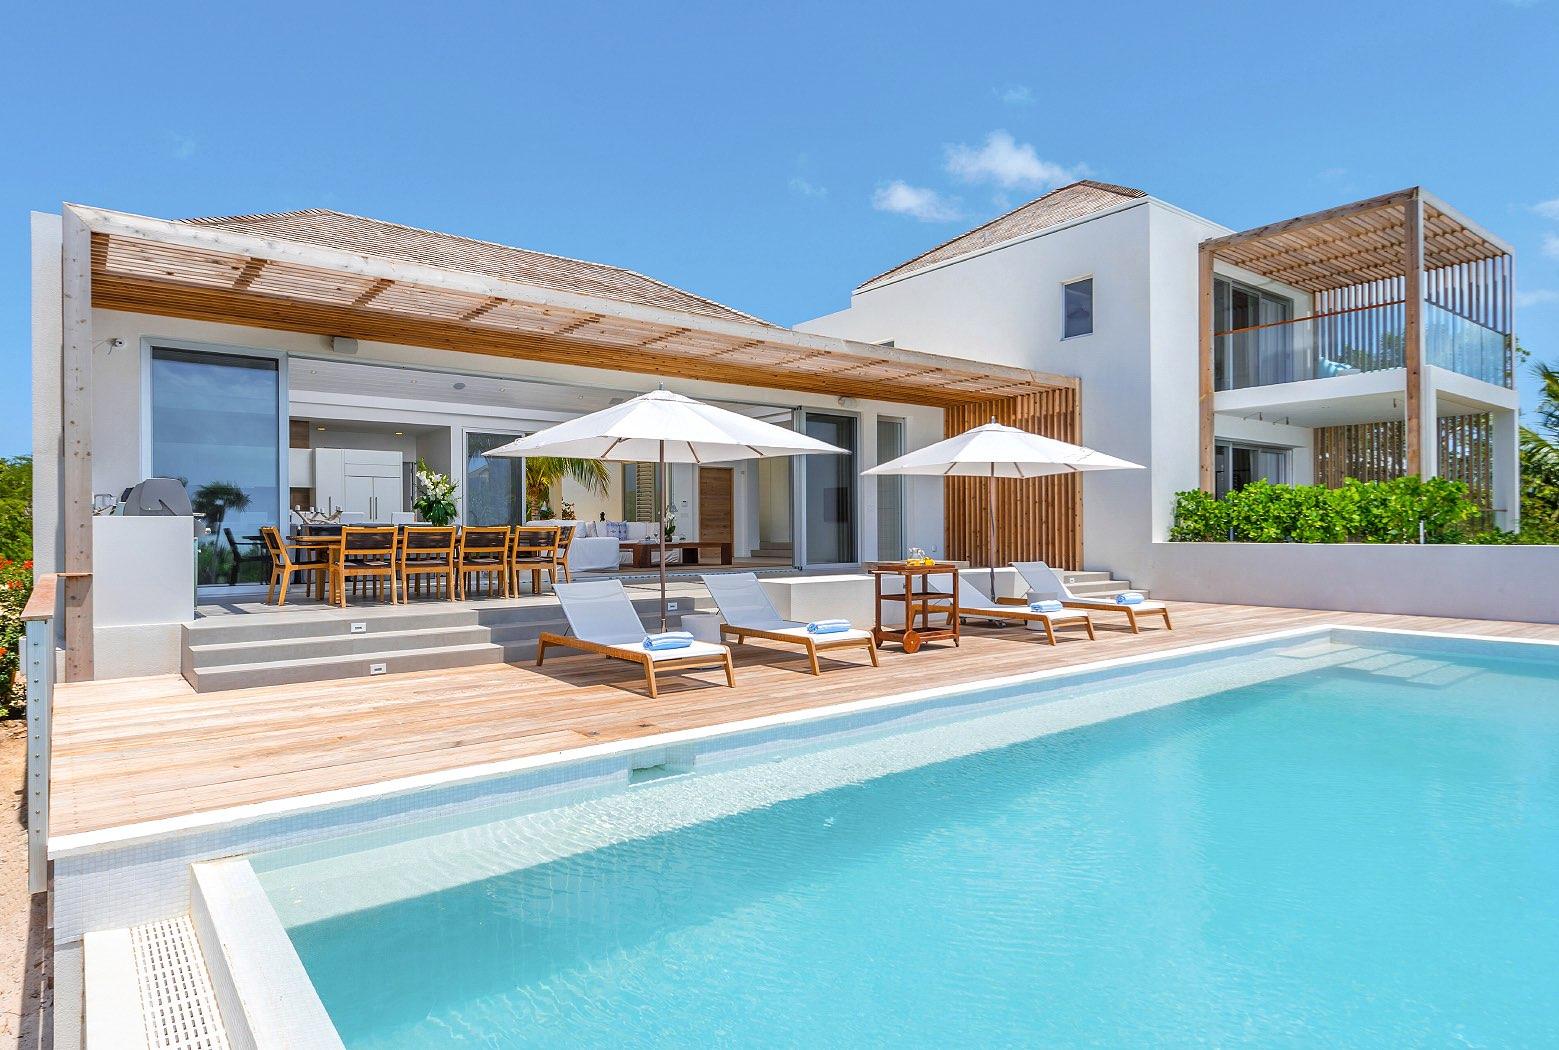 High-Res-BELB-Villa-2-Pool-3-5b9a95d46cfe8.jpg